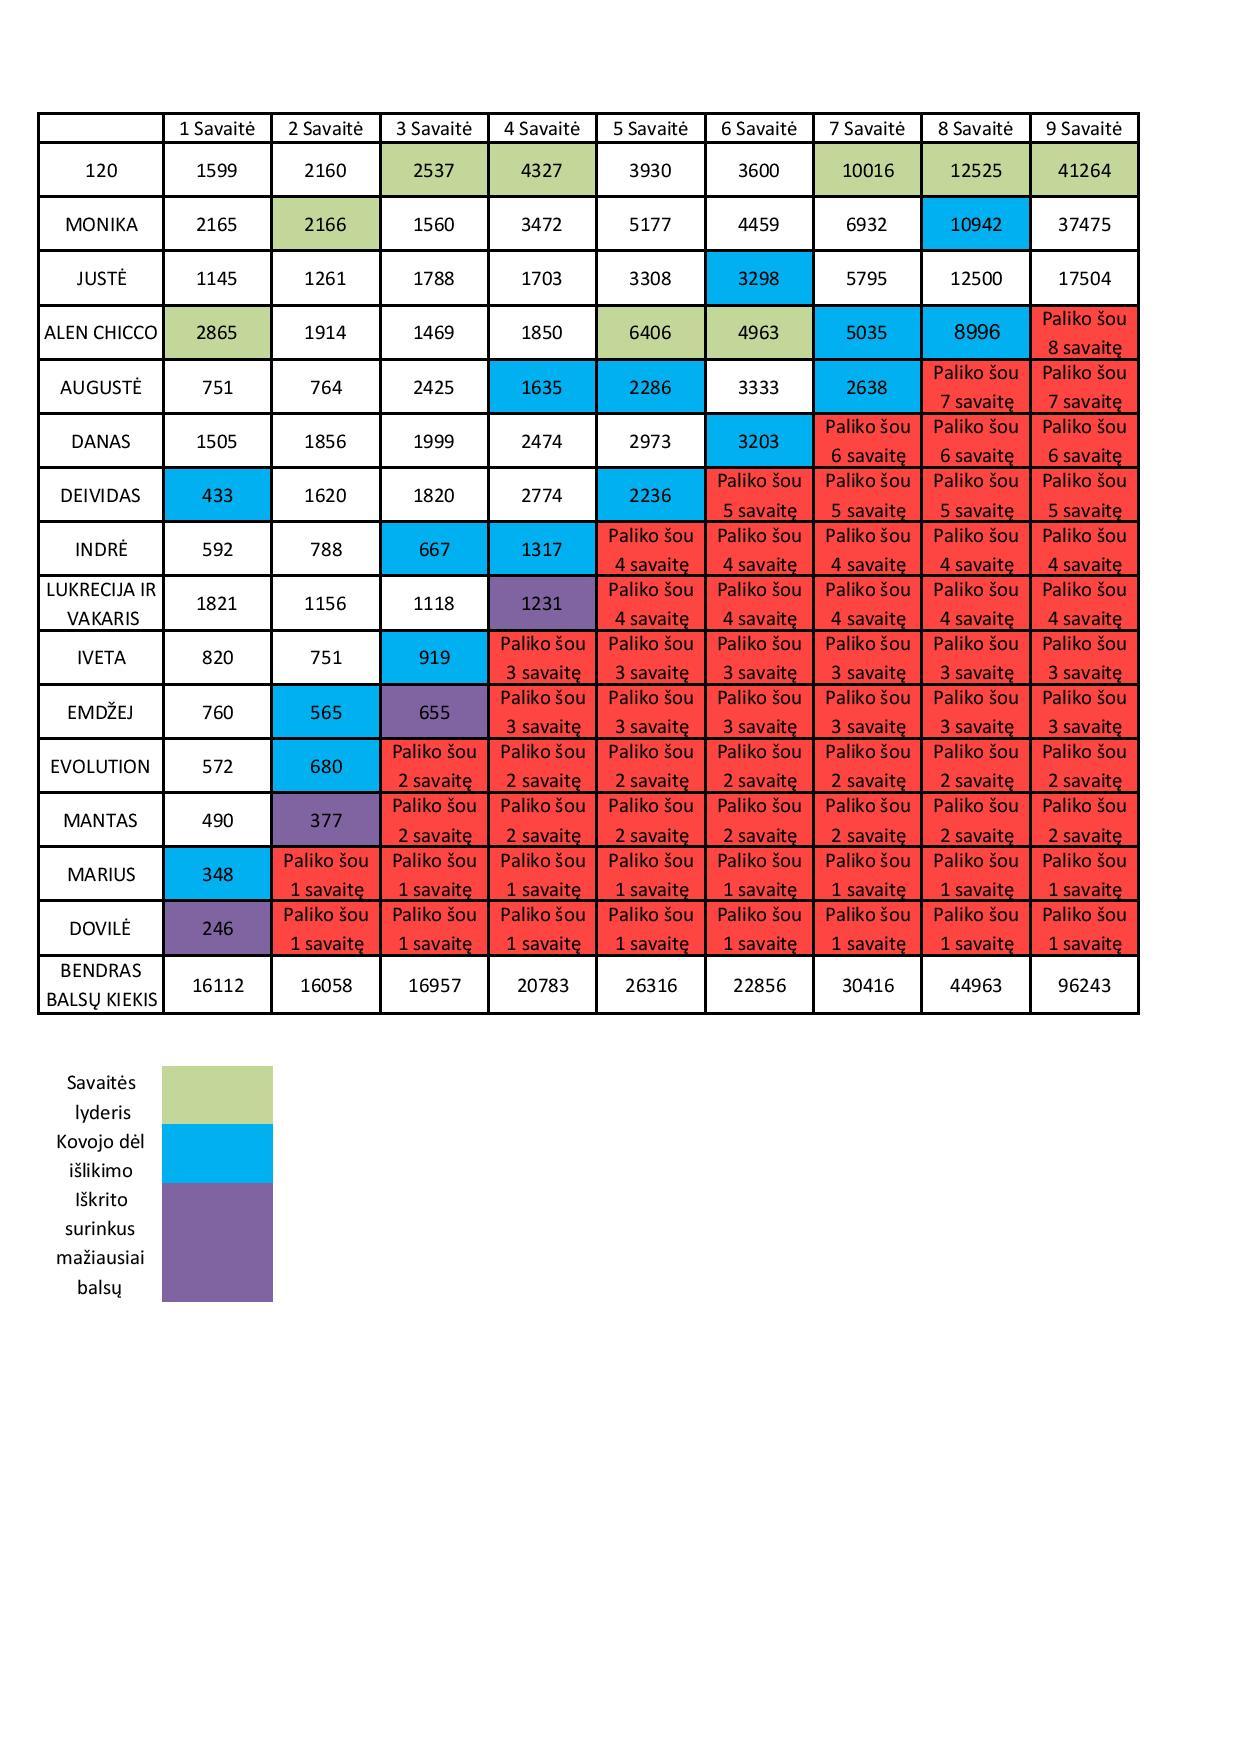 Bendra rezultatu lentele XF5-page-001